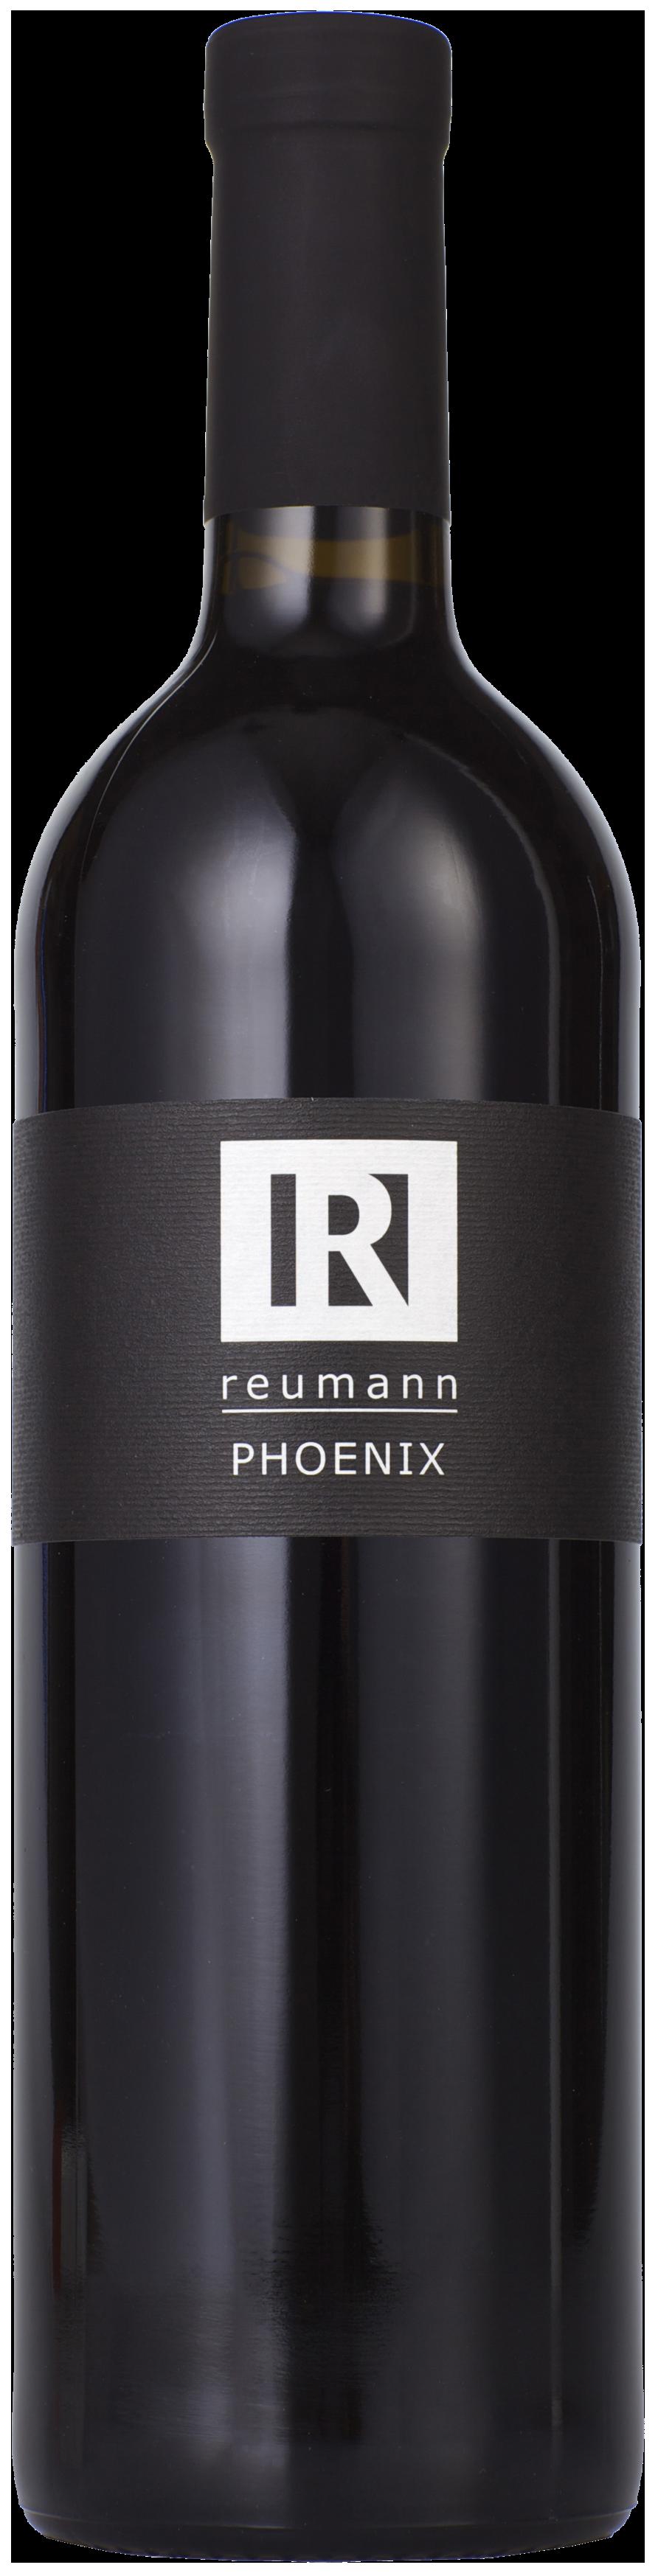 Reumann - Phönix Magnum, 2013